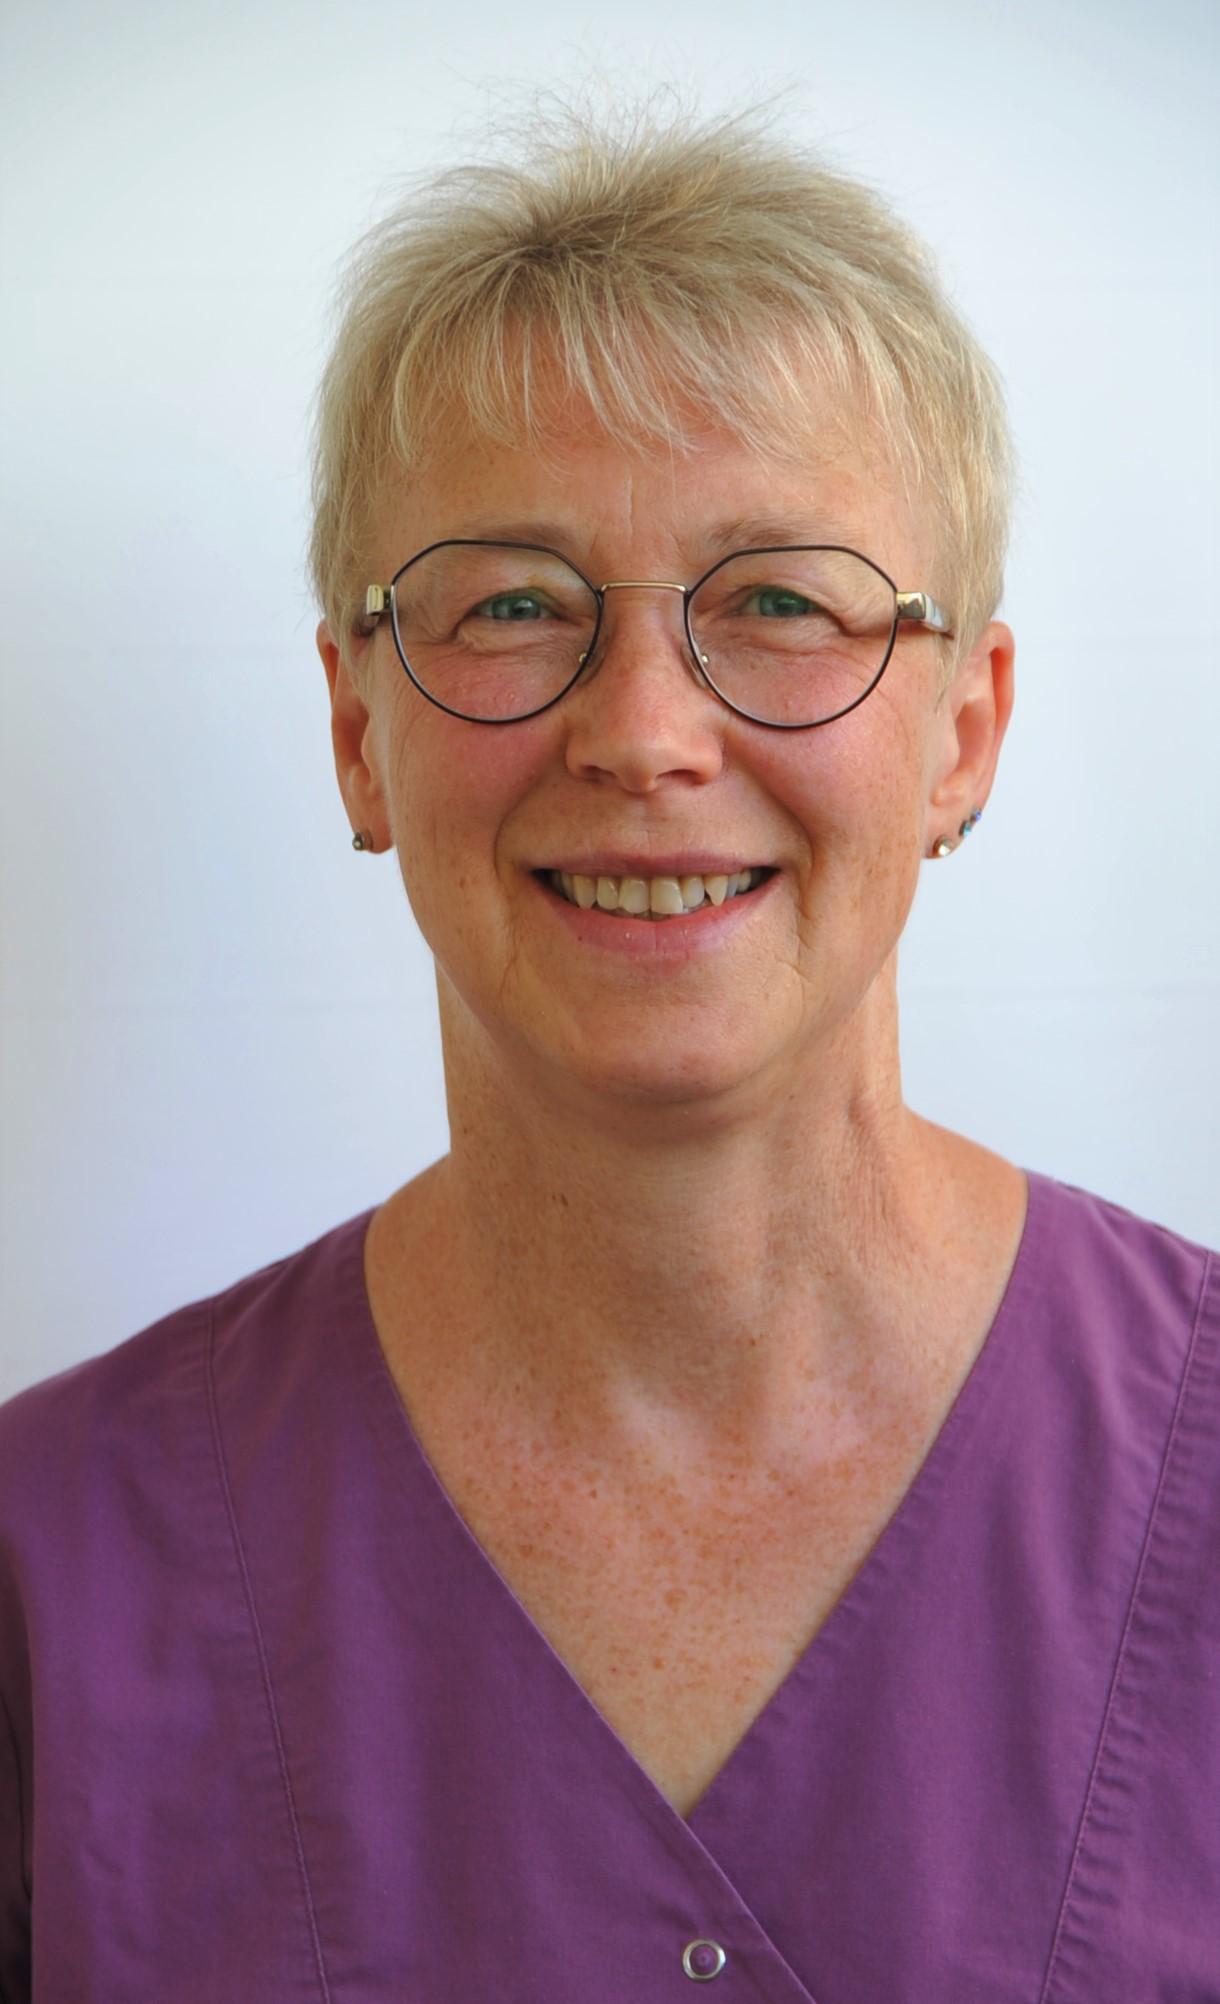 Bauer STumpf Karin das Internetfoto